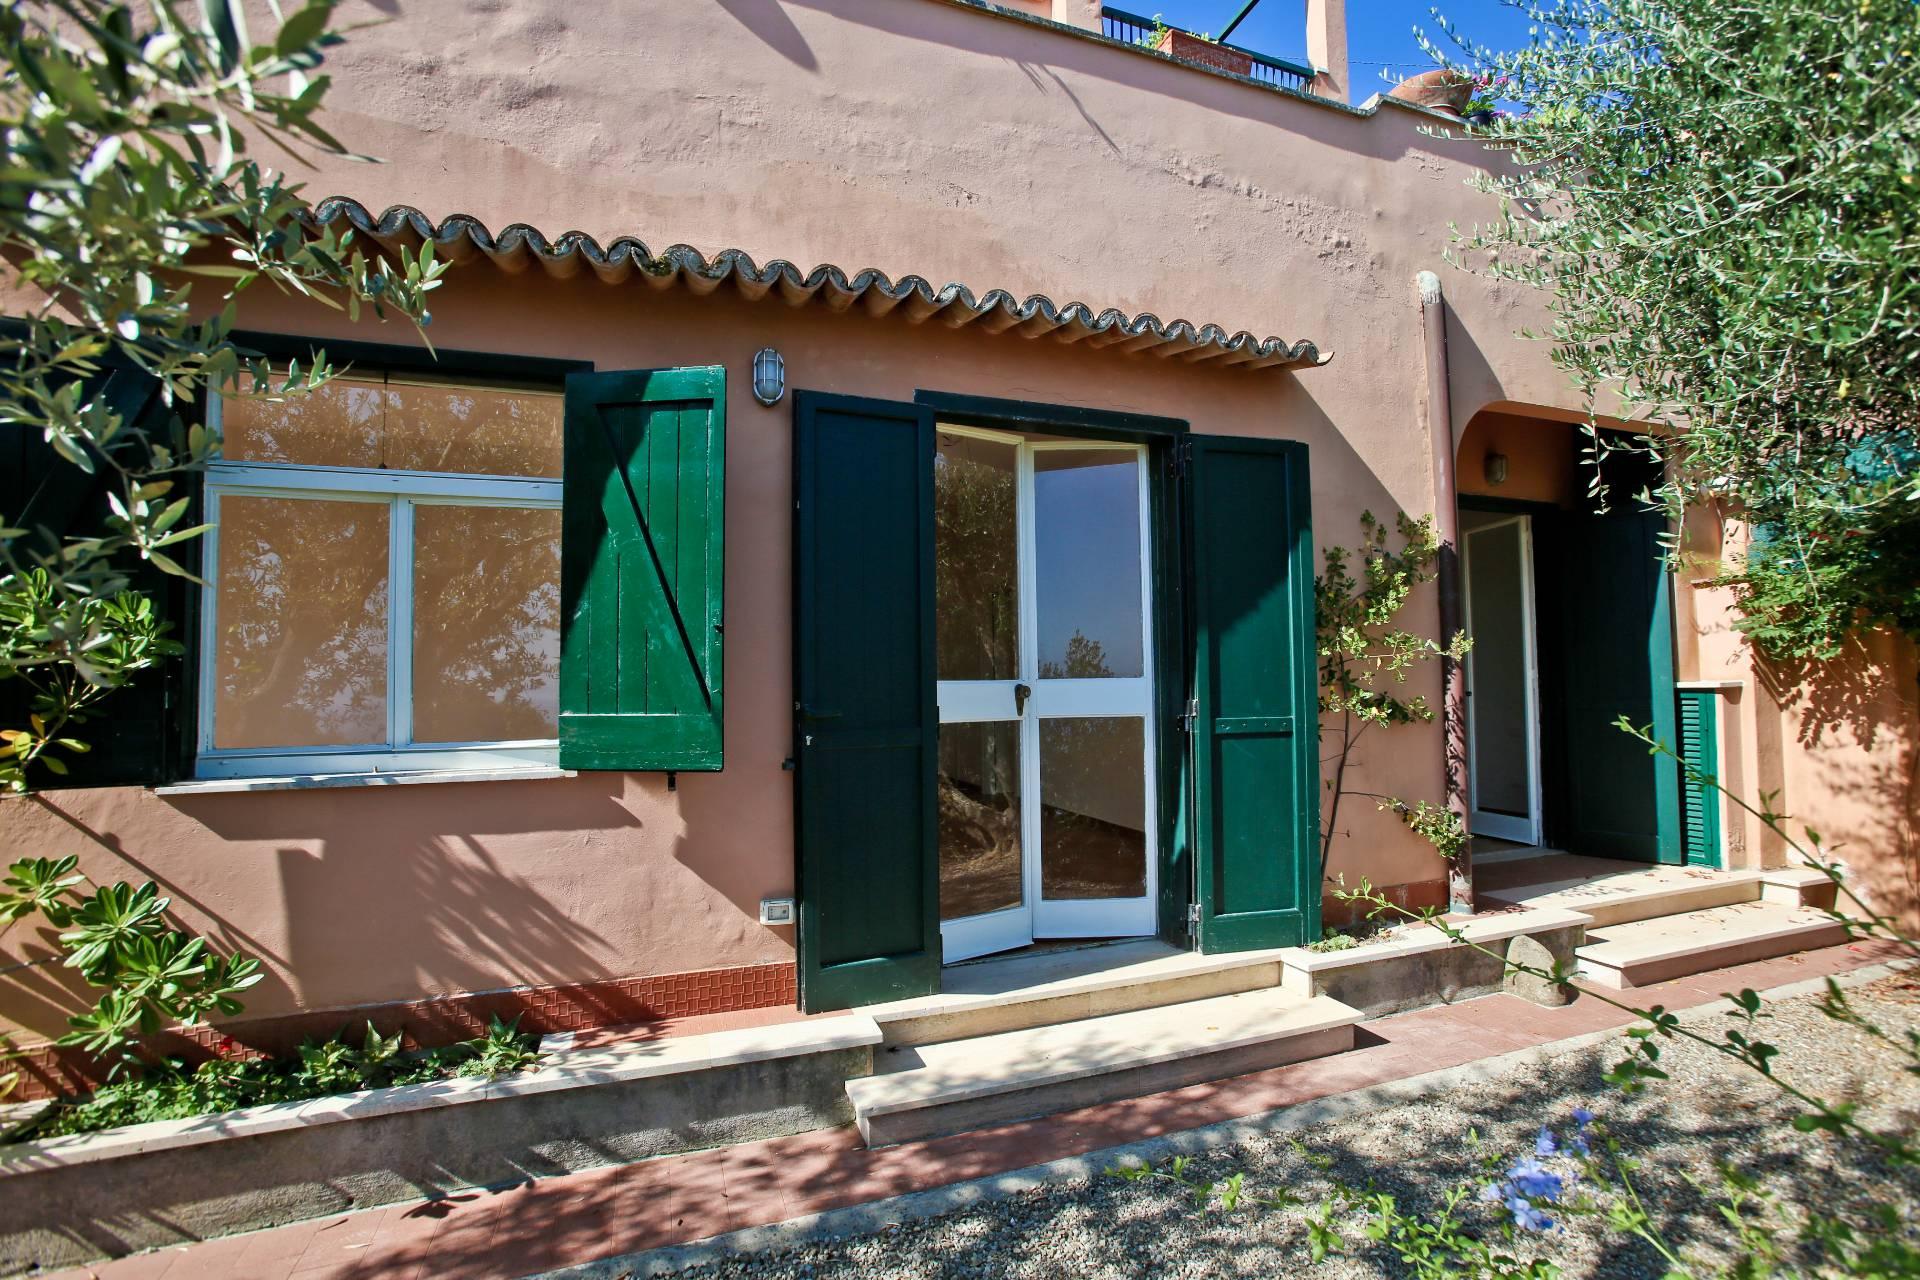 Appartamento in vendita a Monte Argentario, 6 locali, zona Località: PortoS.oStefano, prezzo € 340.000 | PortaleAgenzieImmobiliari.it